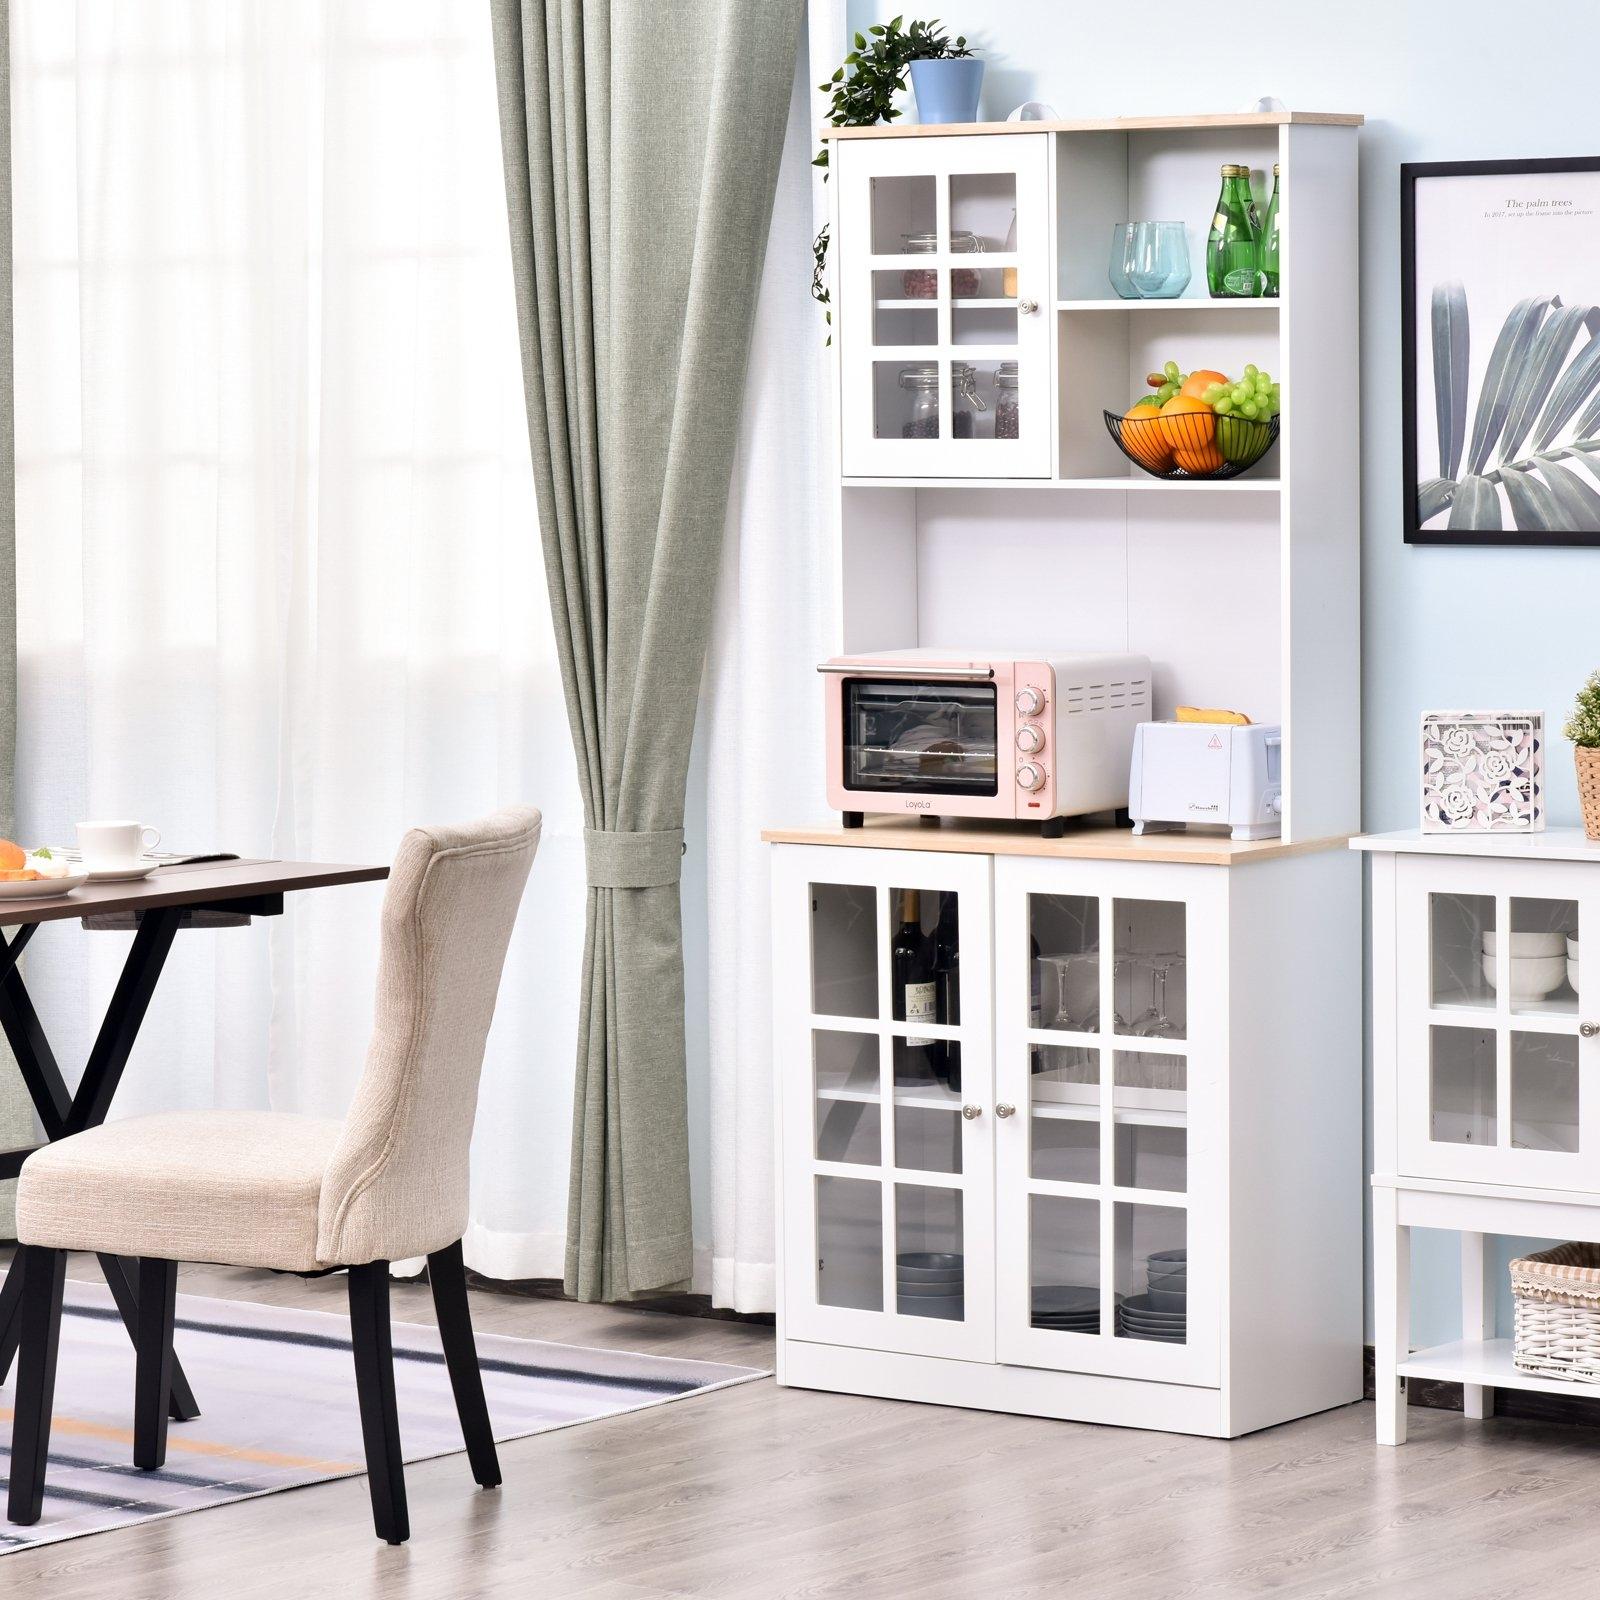 White modern kitchen pantry